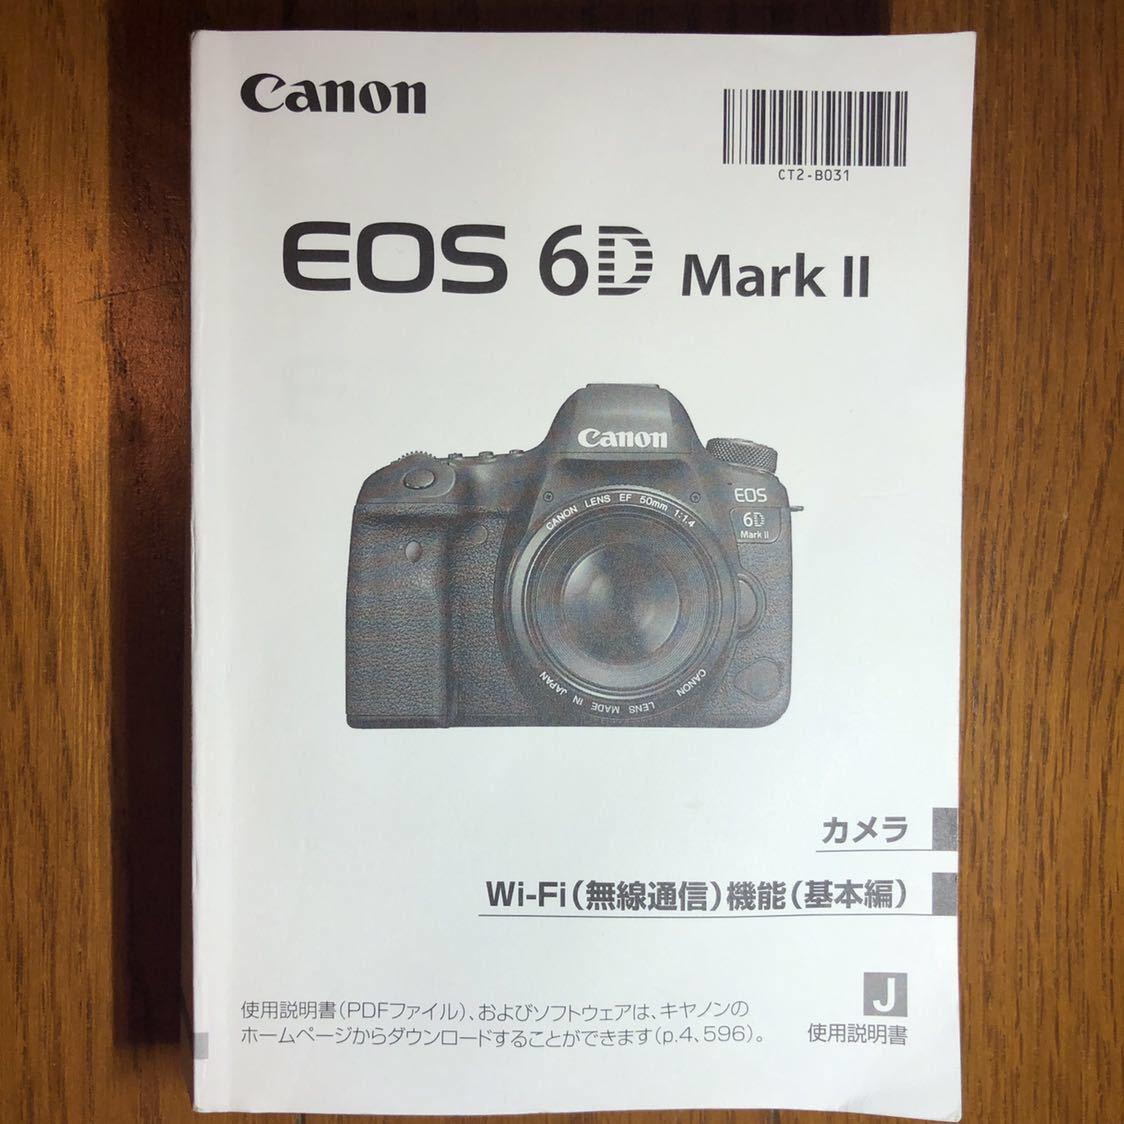 キャノン EOS 6d mark Ⅱ 取扱説明書